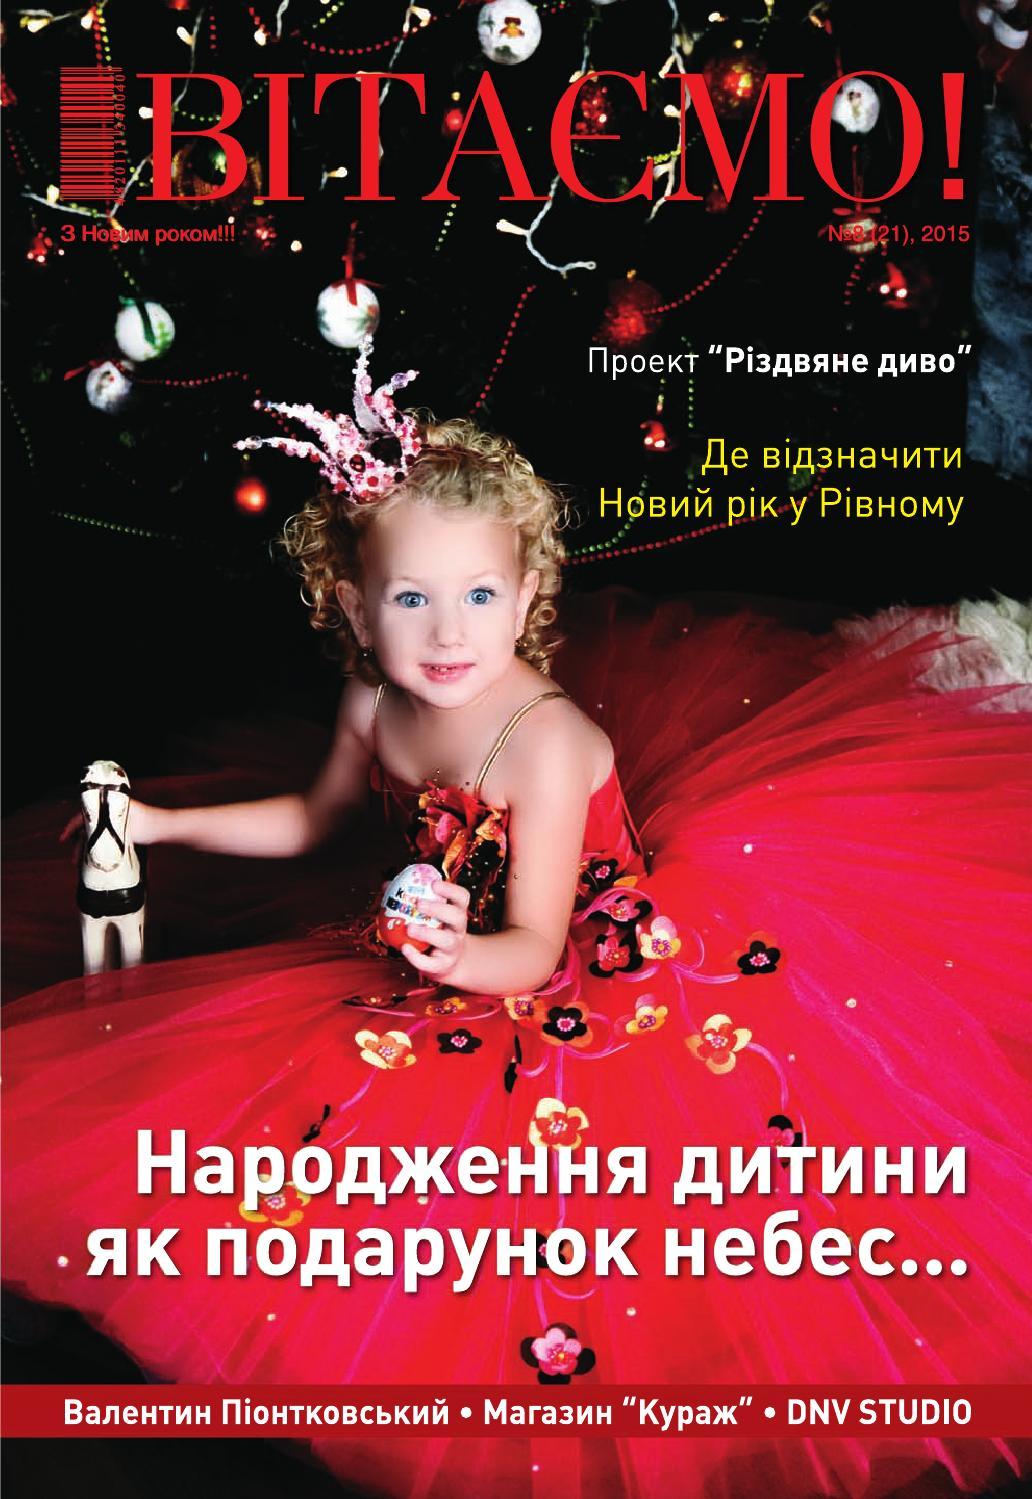 Журнал «Вітаємо!» 58821c961da92